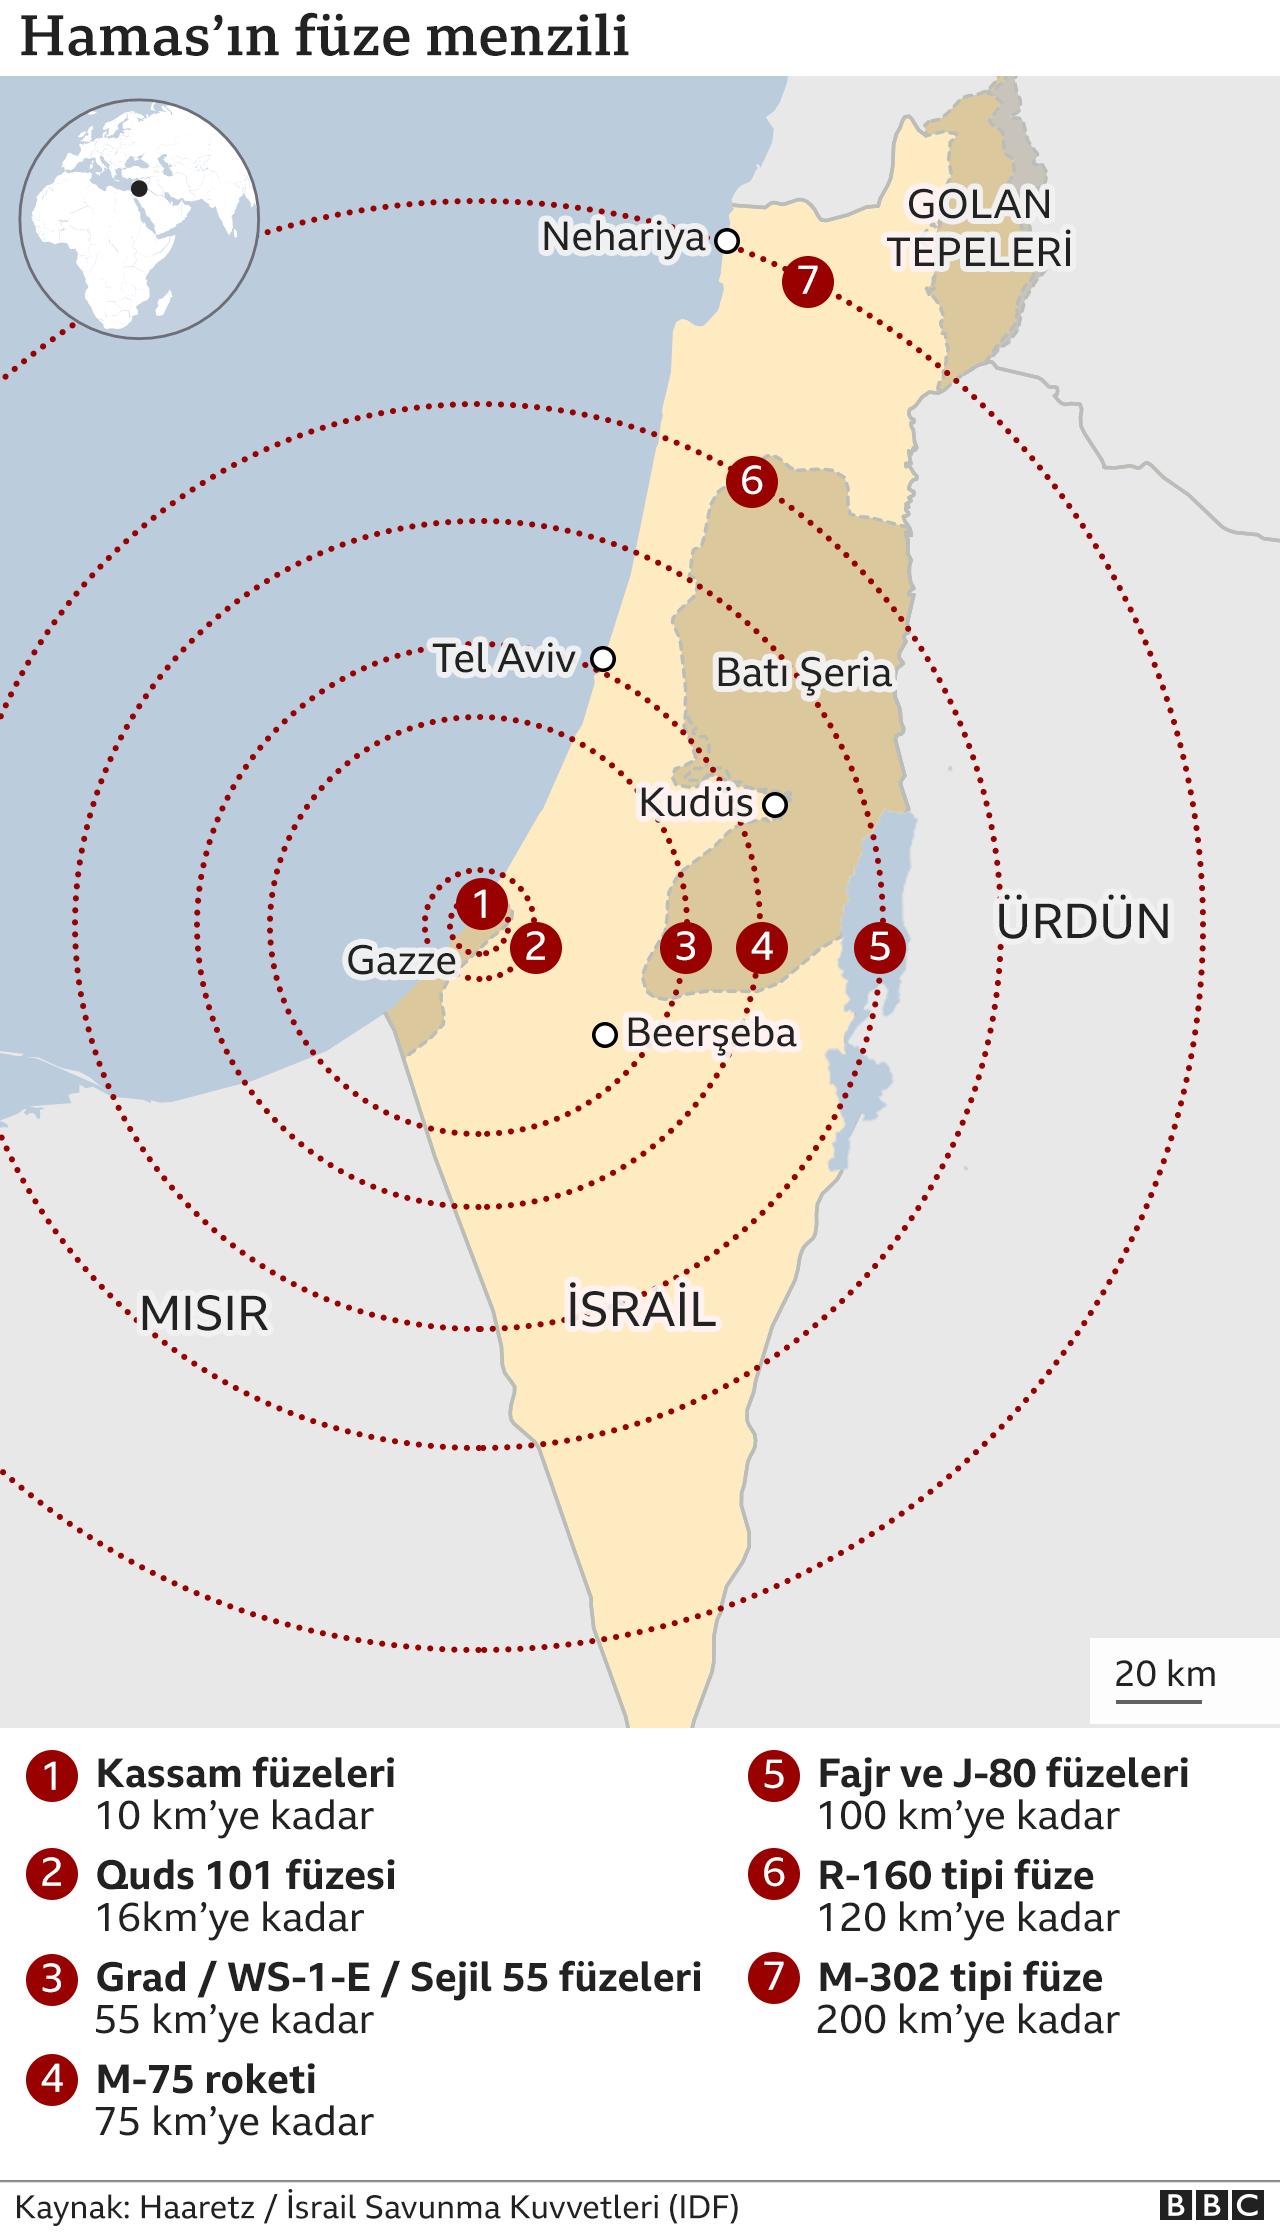 Hamas füzeleri